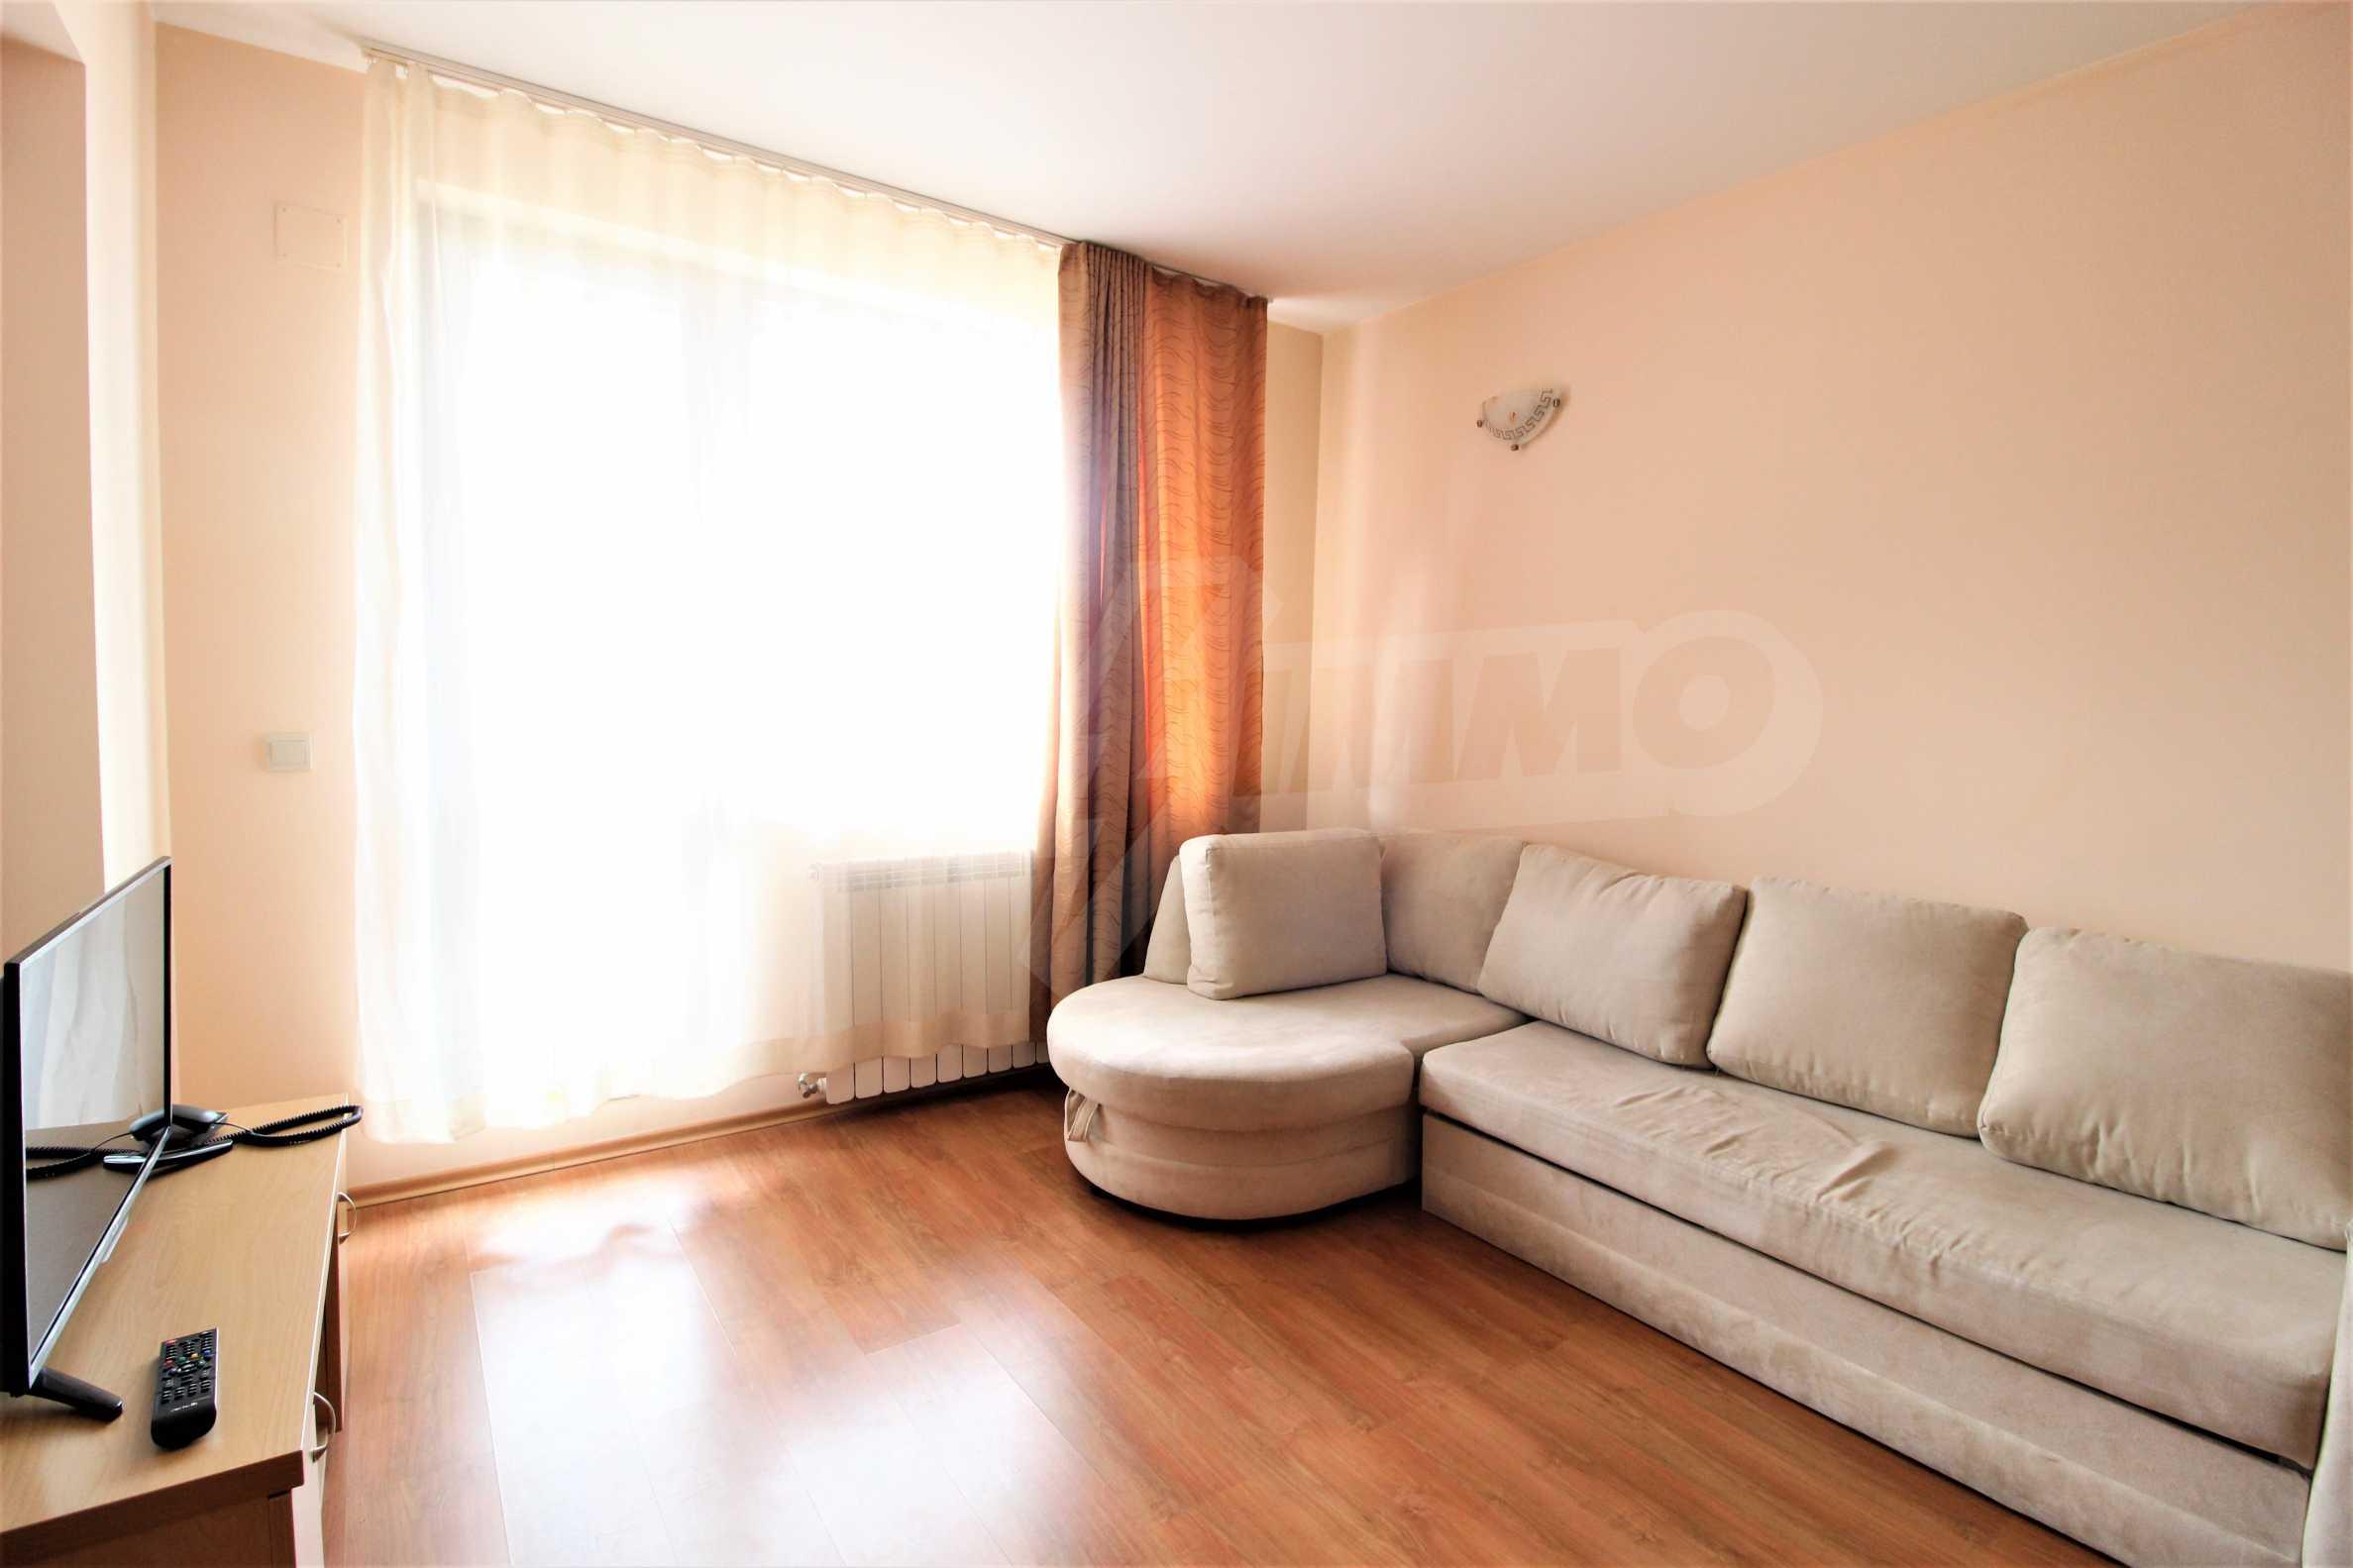 Двустаен апартамент в близост до ски лифта в Банско 3